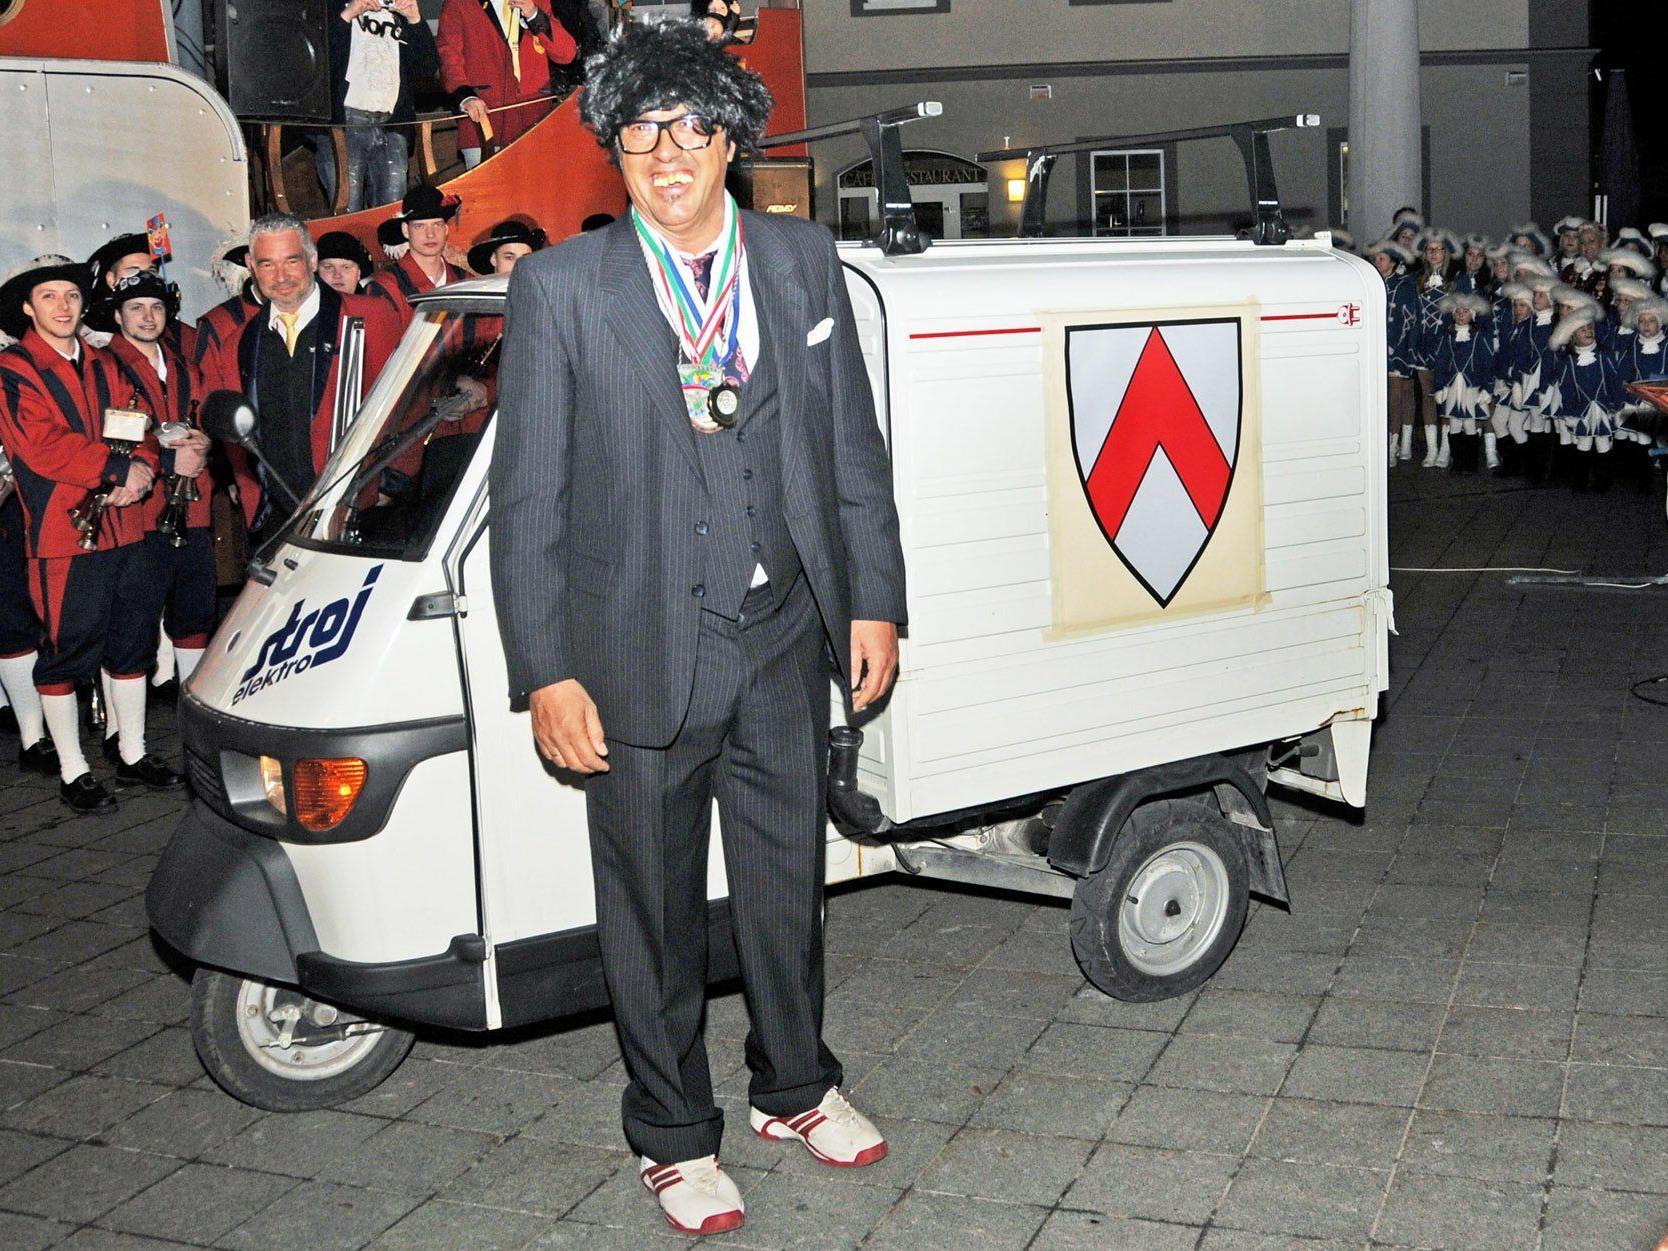 Das neue flotte Dienstfahrzeug samt Höchster Wappen für den abgesägten Bürgermeister.